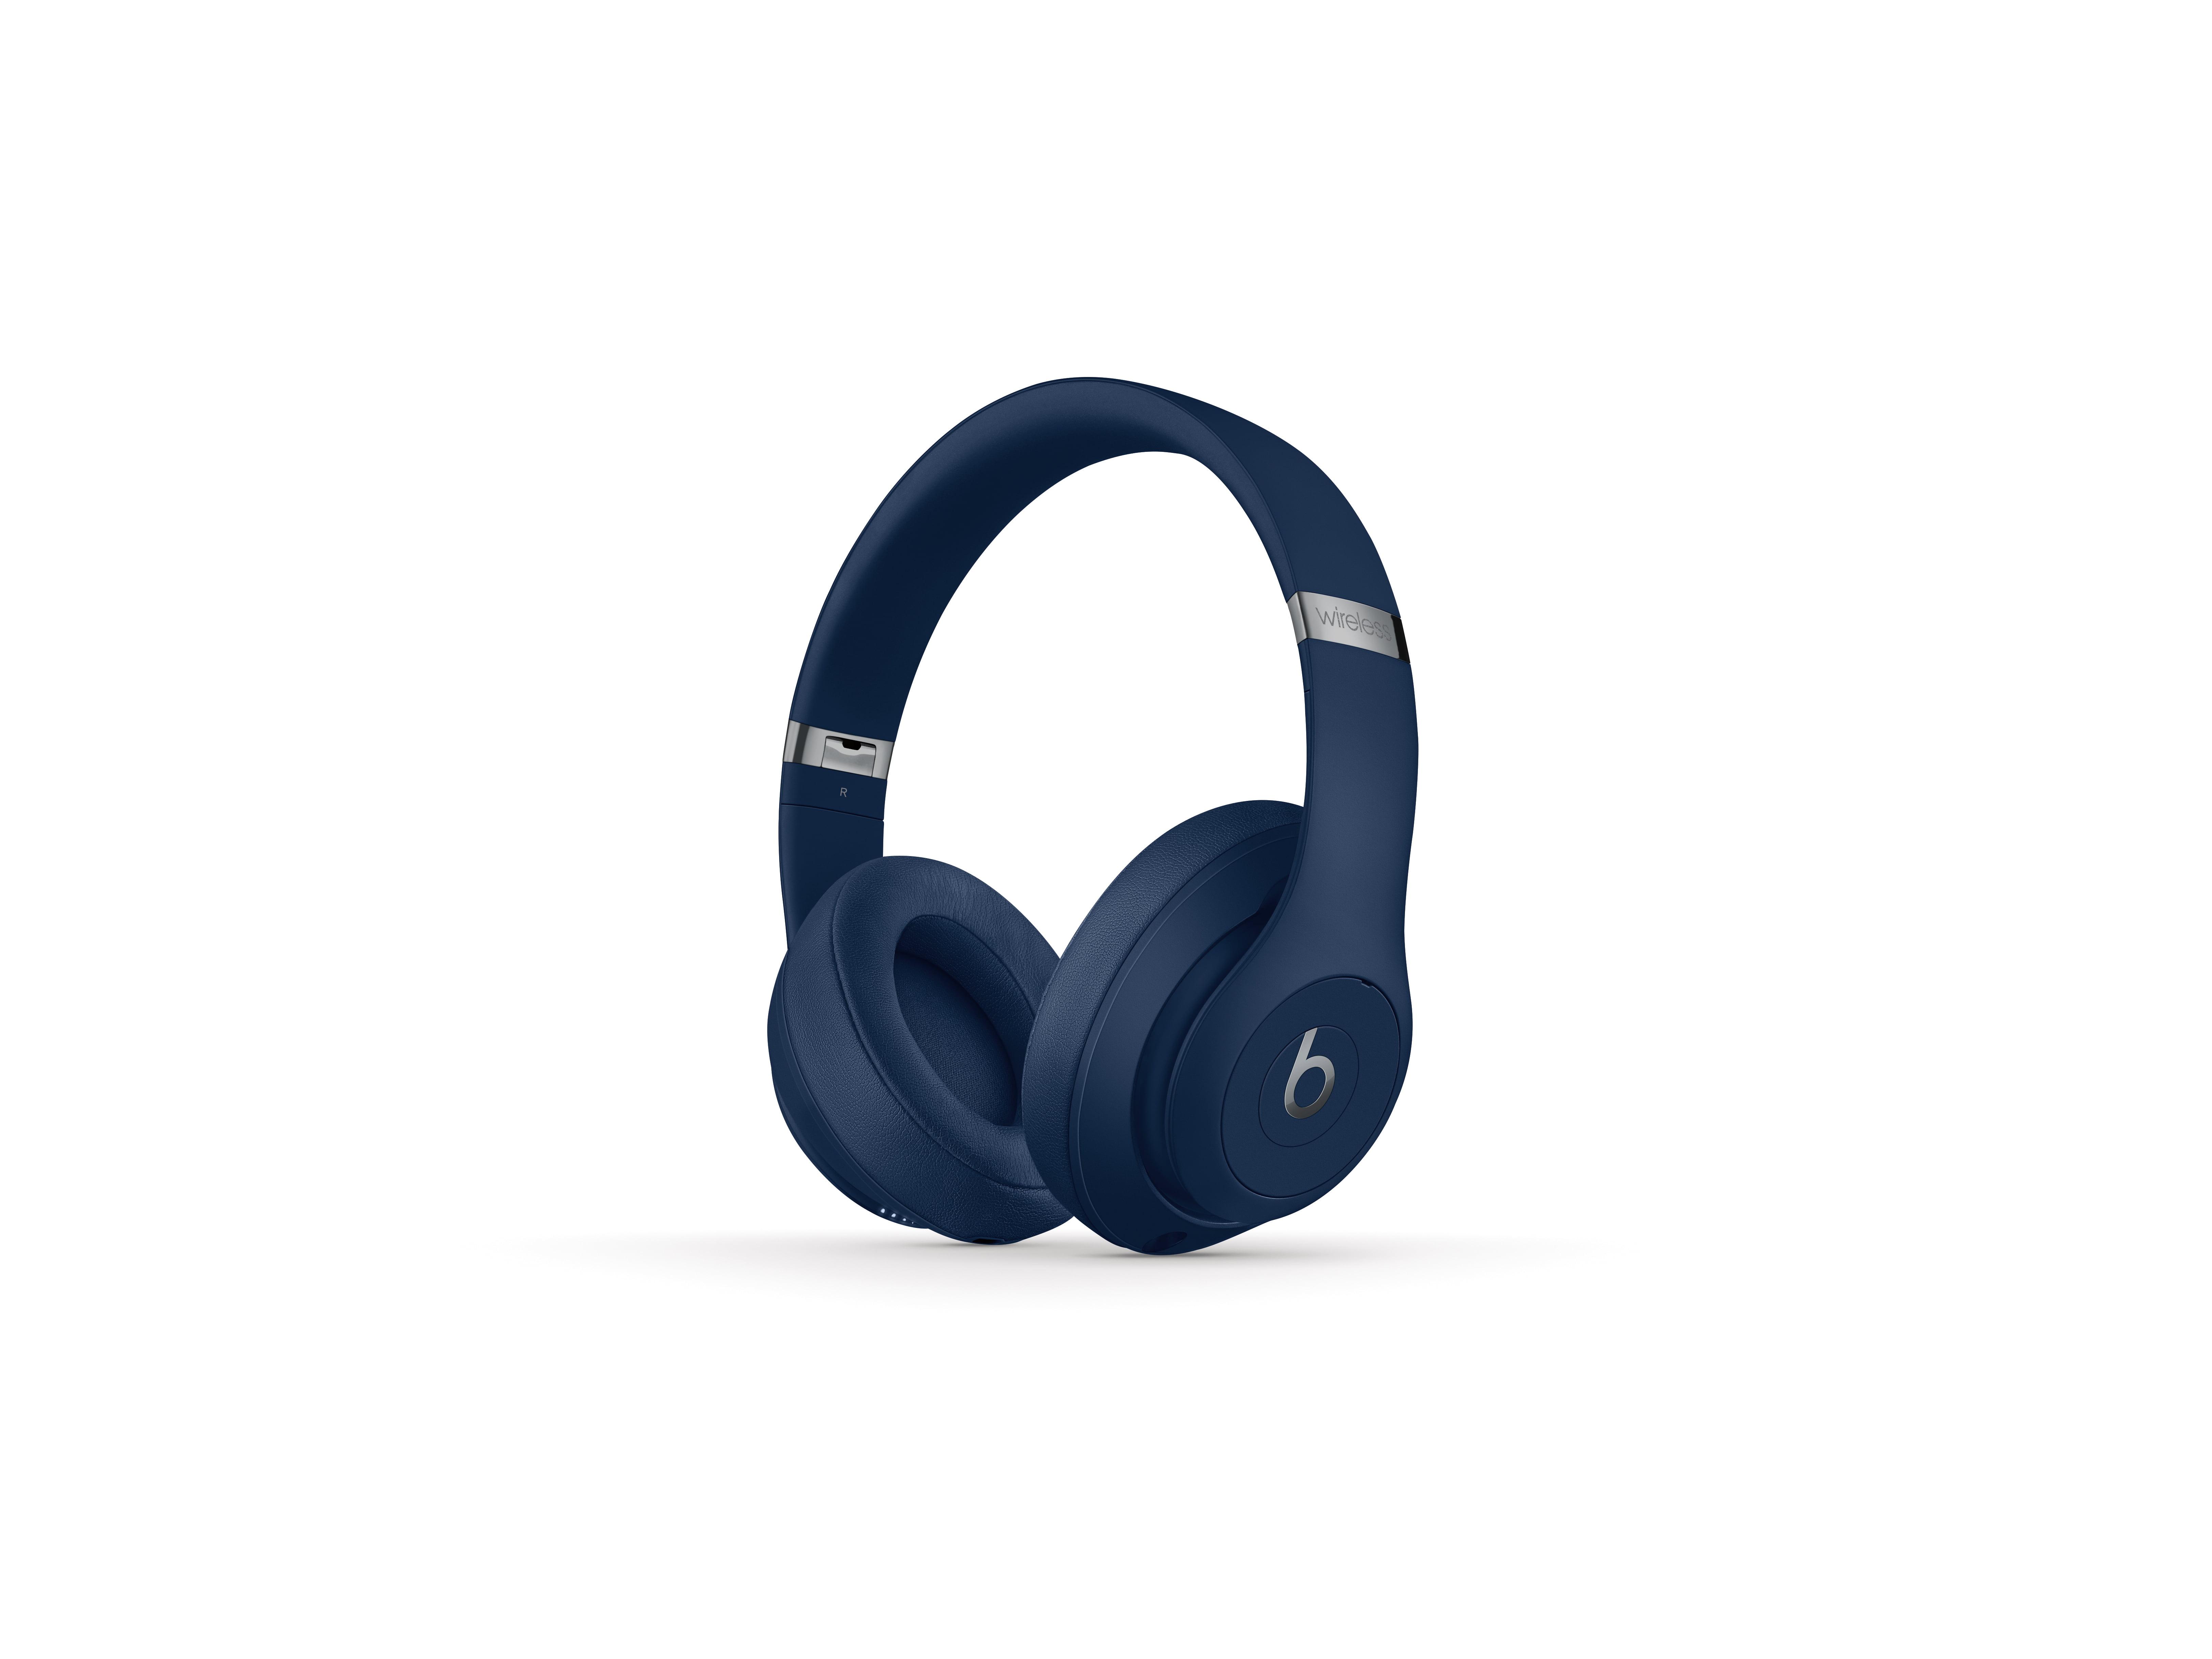 Beats Studio3 Wireless Over-Ear Headphones - Walmart.com